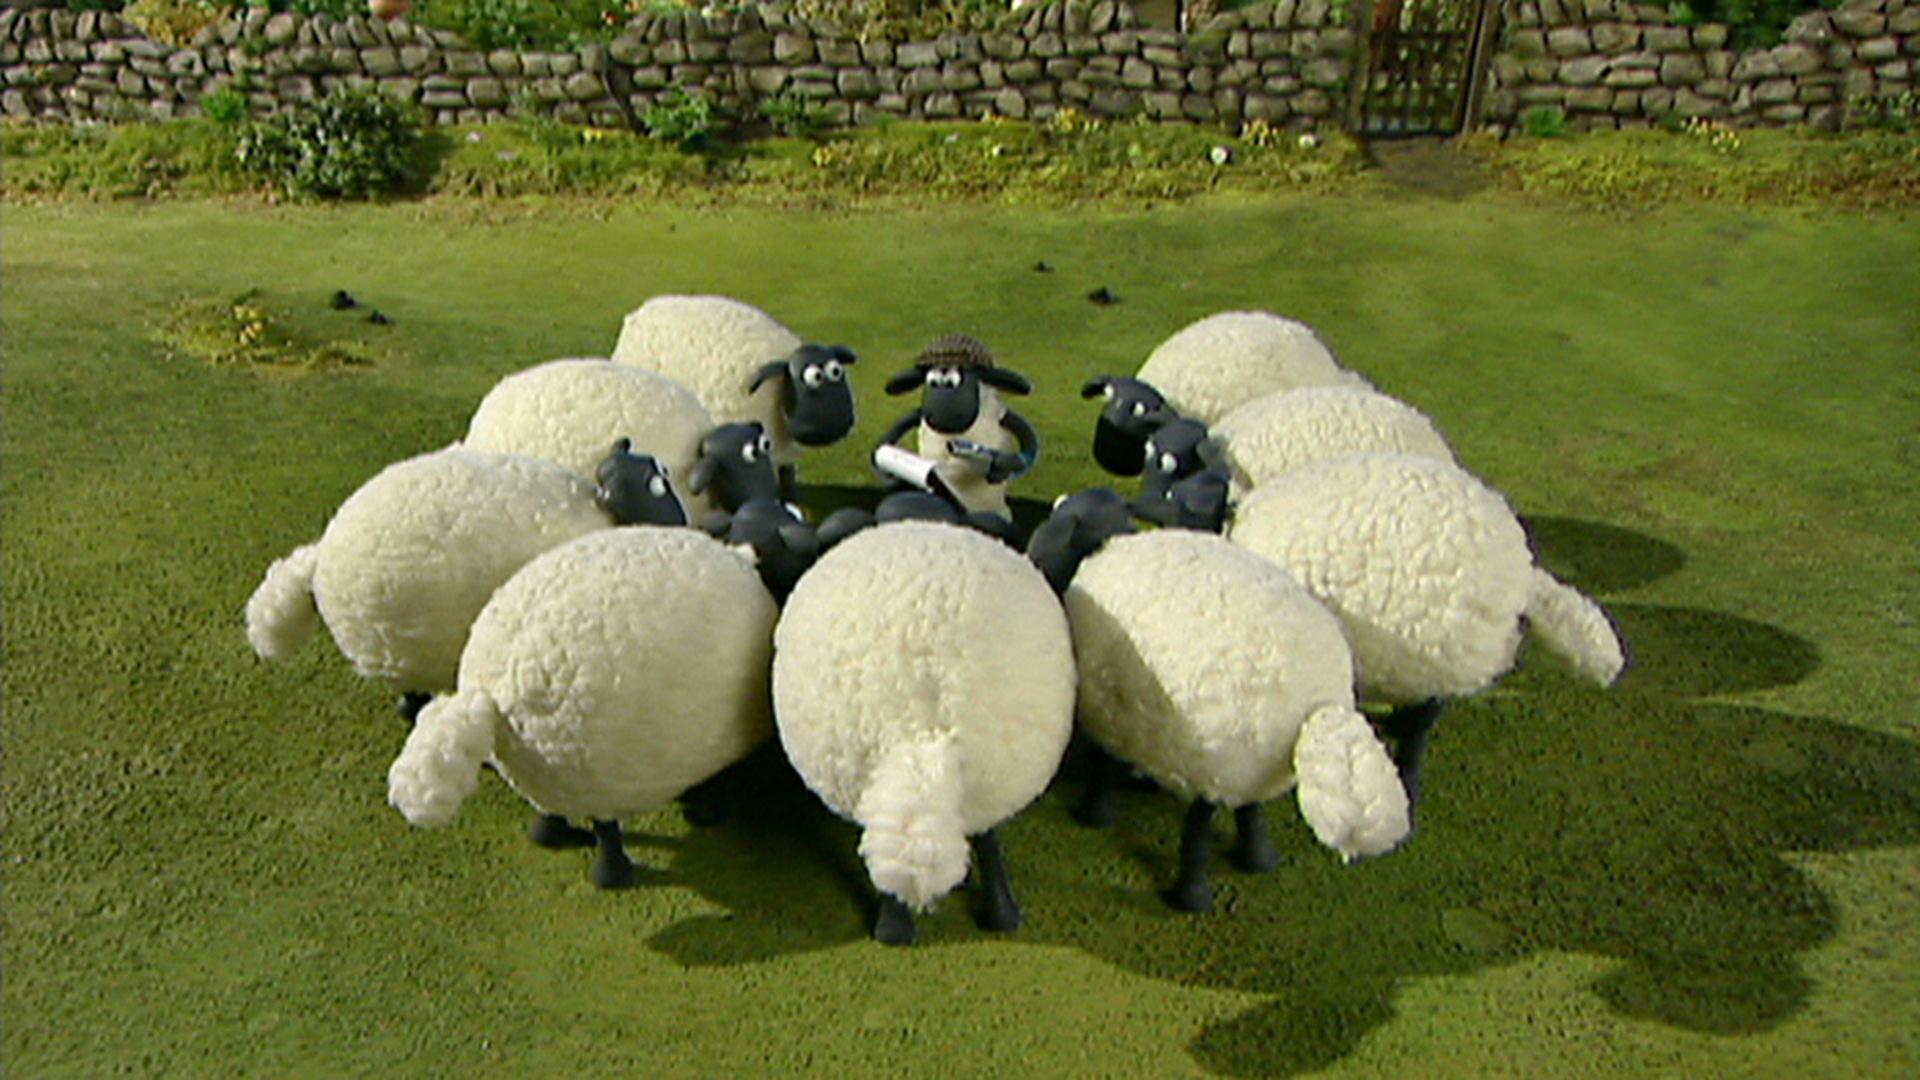 Bildergebnis für Bilder von Schafen